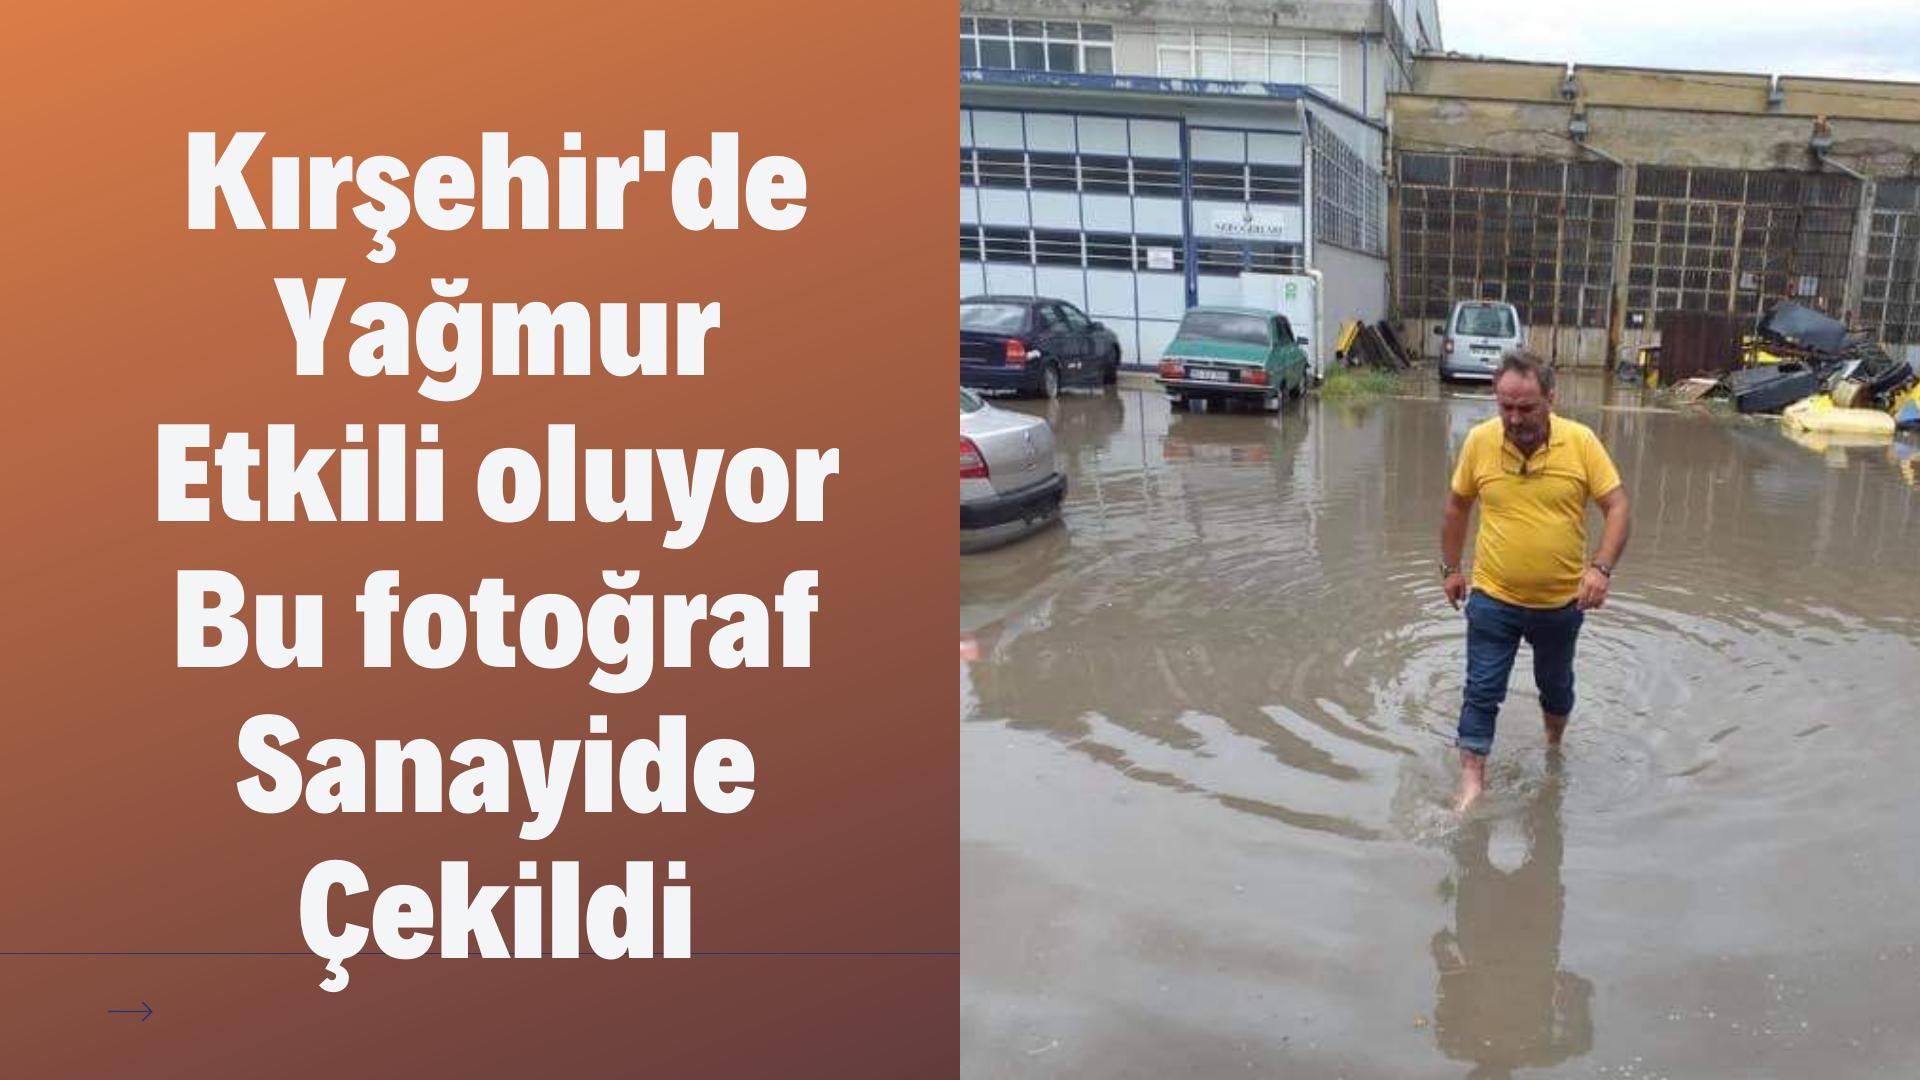 Kırşehir'de yağmur etkili oluyor